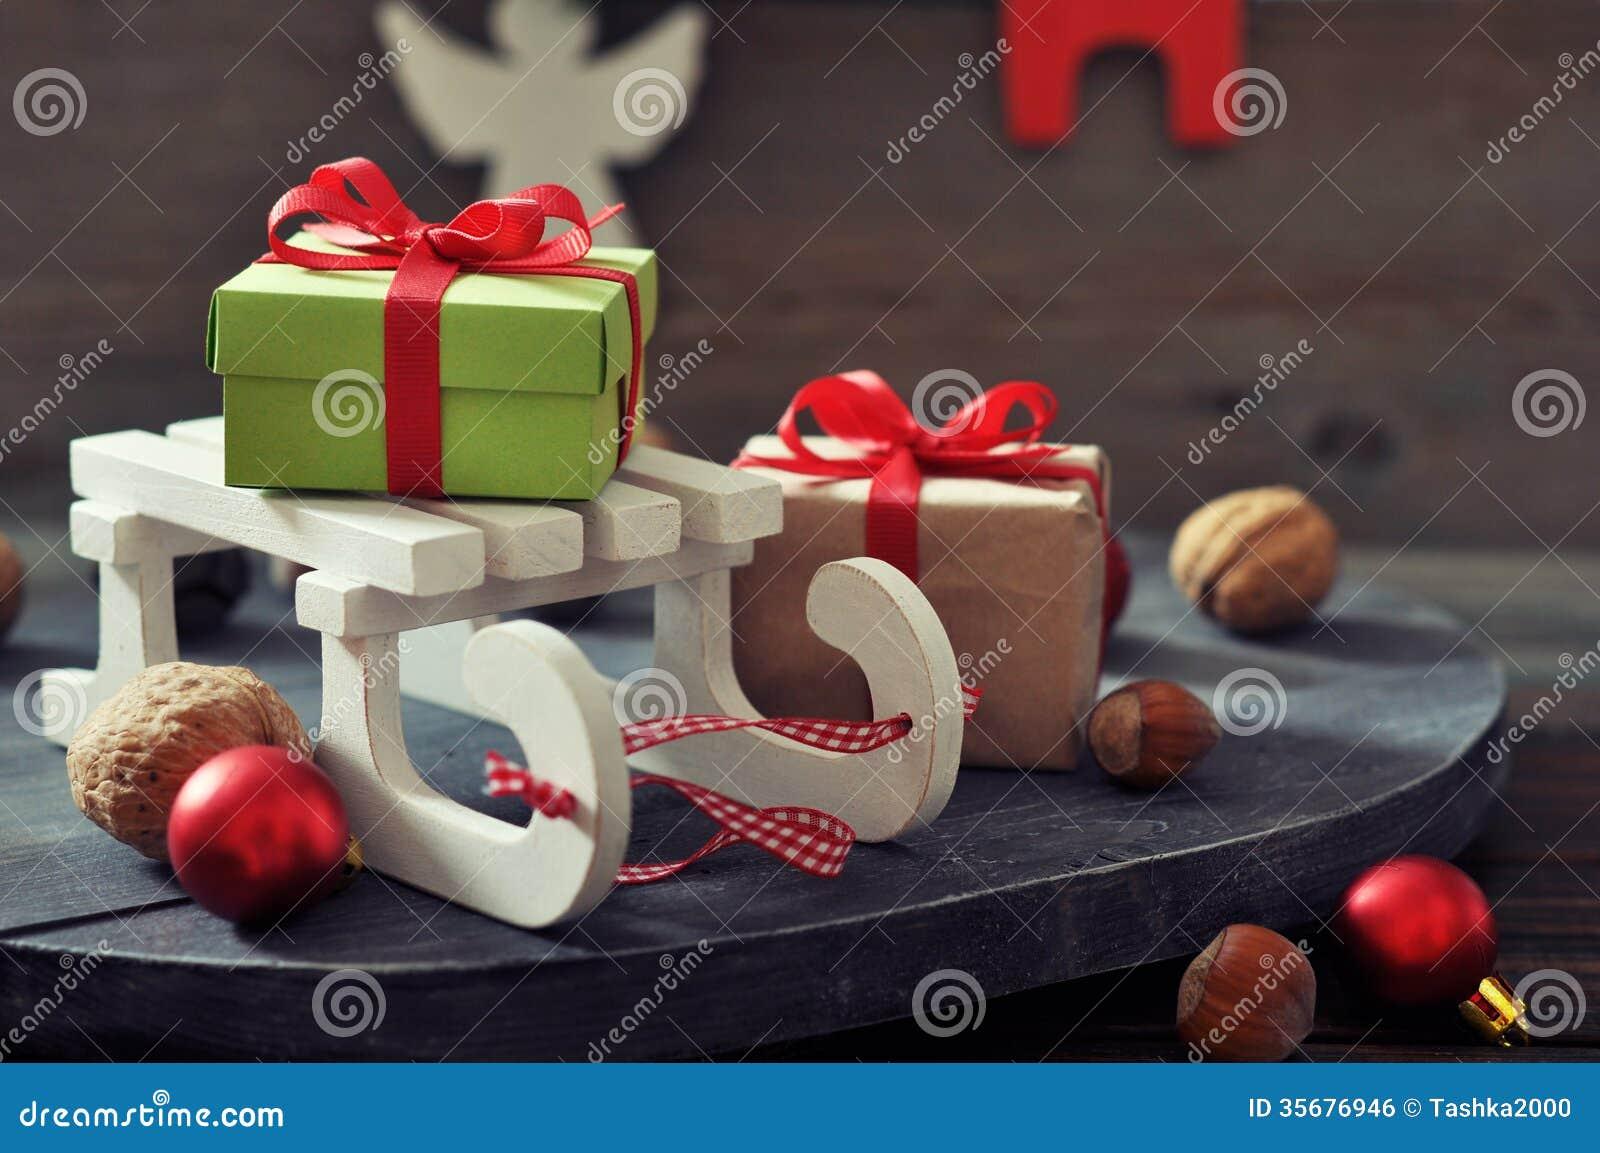 Schlittenspielzeug Mit Geschenkboxen Stockfoto - Bild von dekor ...